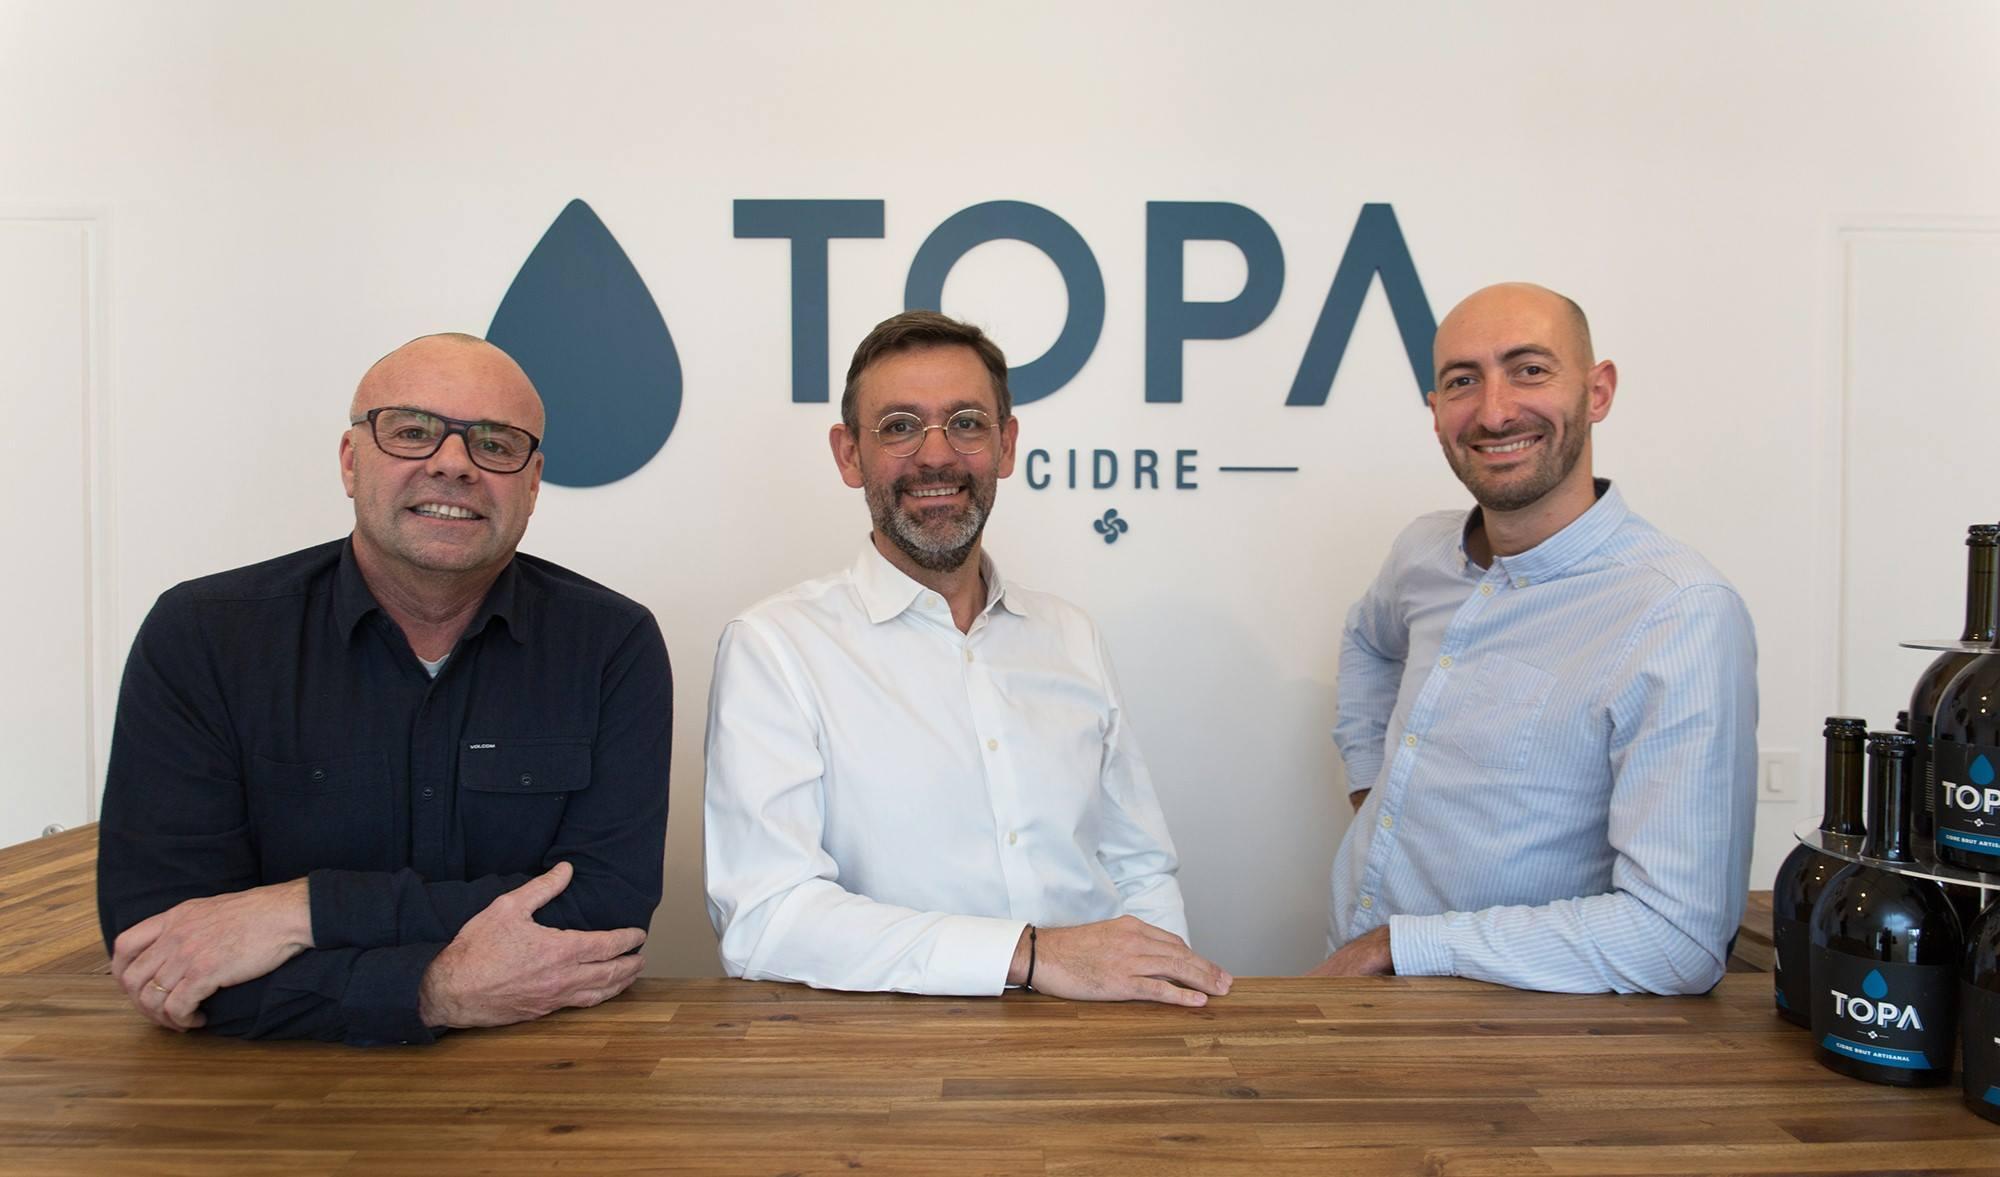 Julien Dubecq, Pascal Moret et Grégoire Tulasne - Cidre Topa